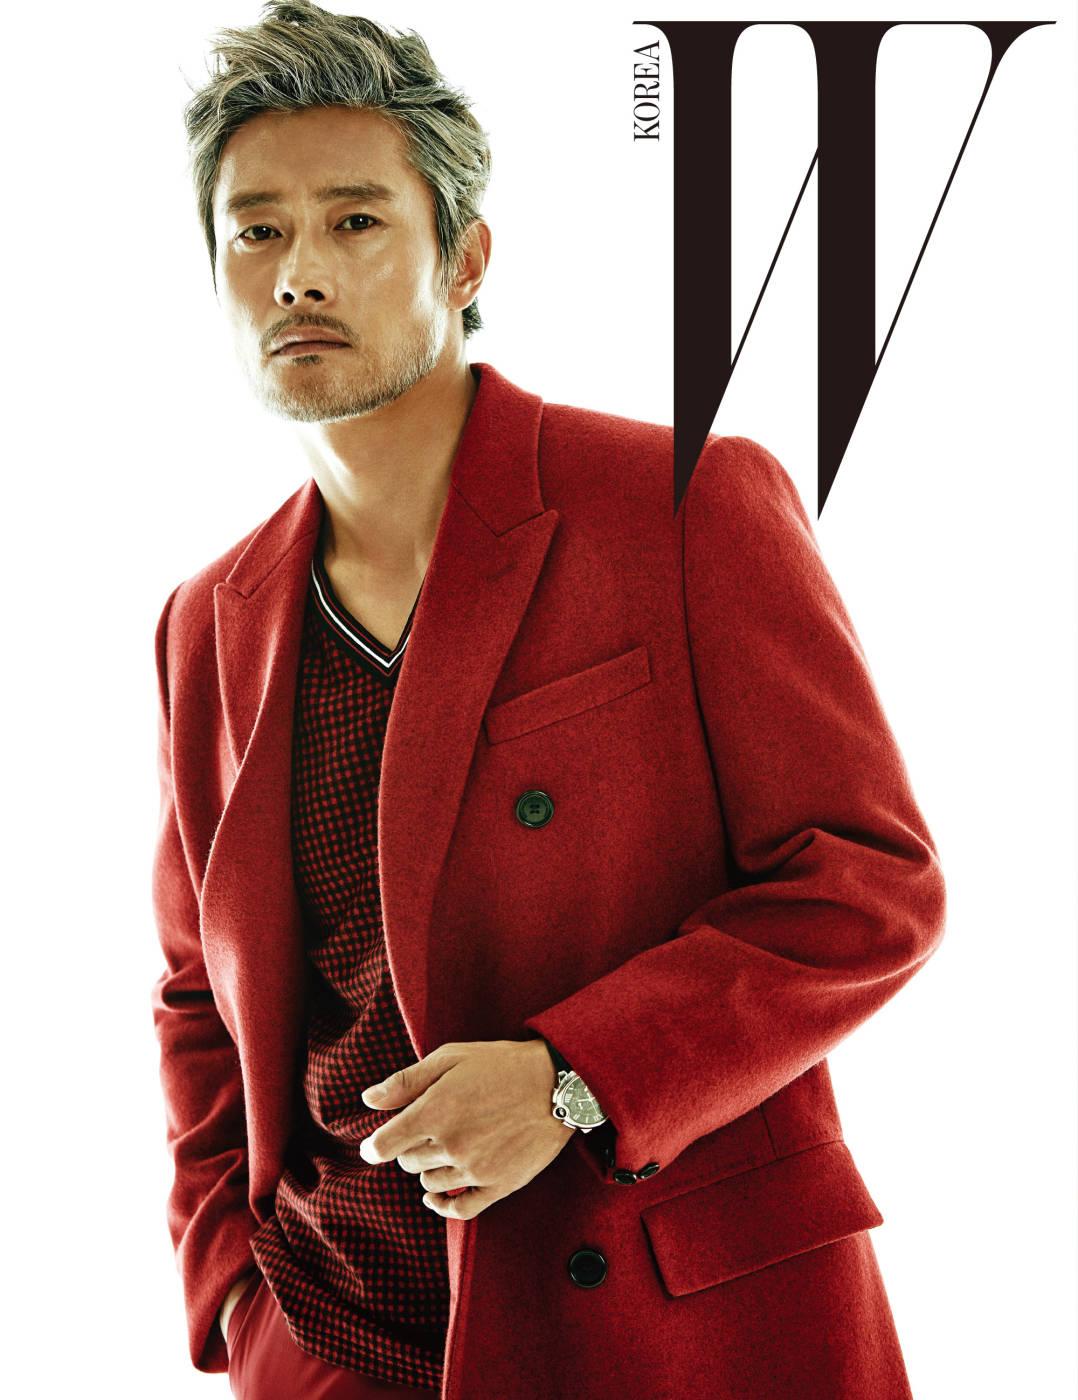 붉은빛의 모직 코트, 체크 패턴의 브이넥 니트 톱, 빨간색 팬츠는 모두 Dior Homme, 시계는 Cartier 제품.